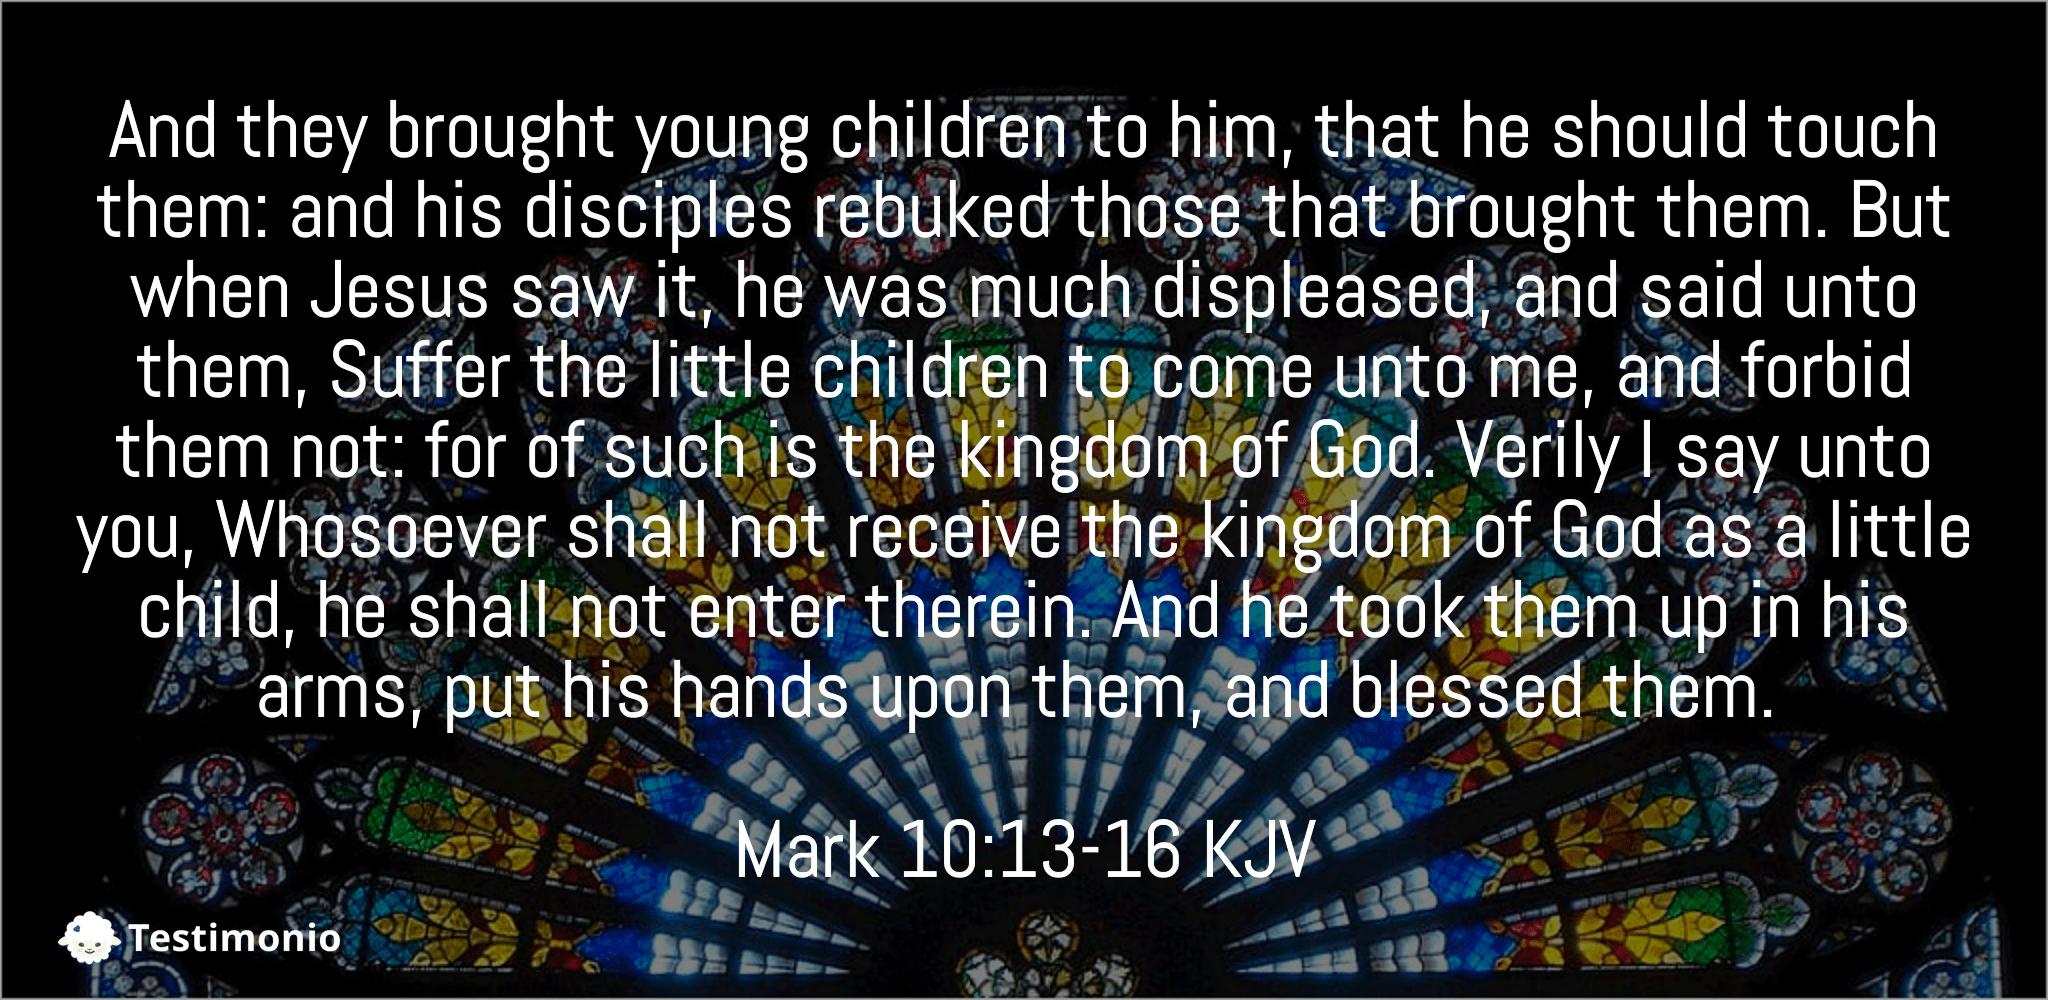 Mark 10:13-16